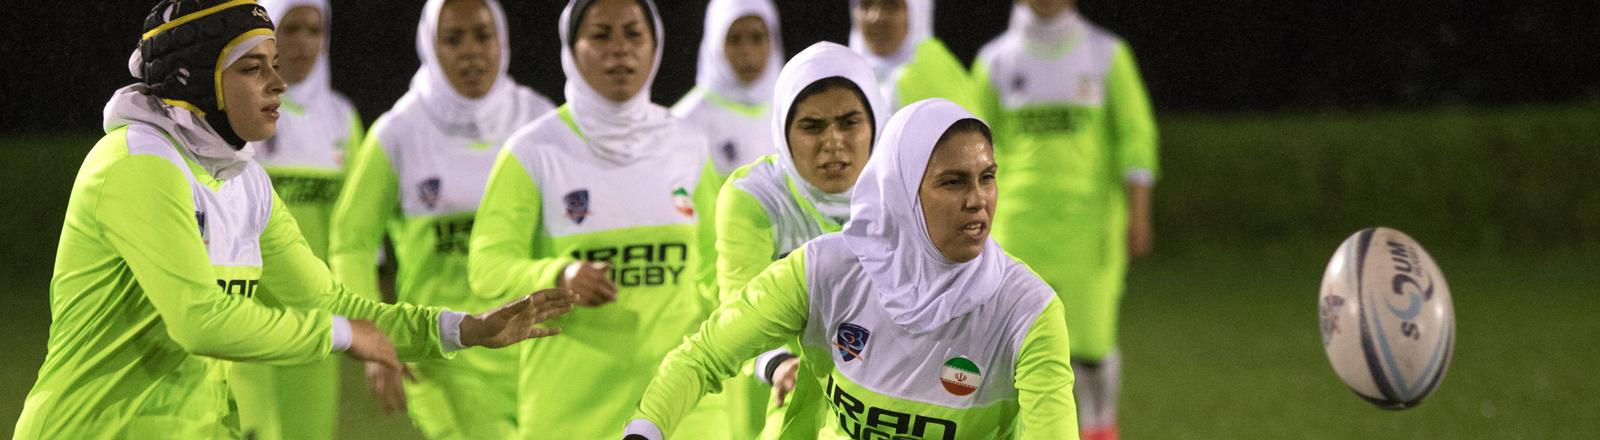 Rugbyturnier iranischer und Berliner Spielerinnen